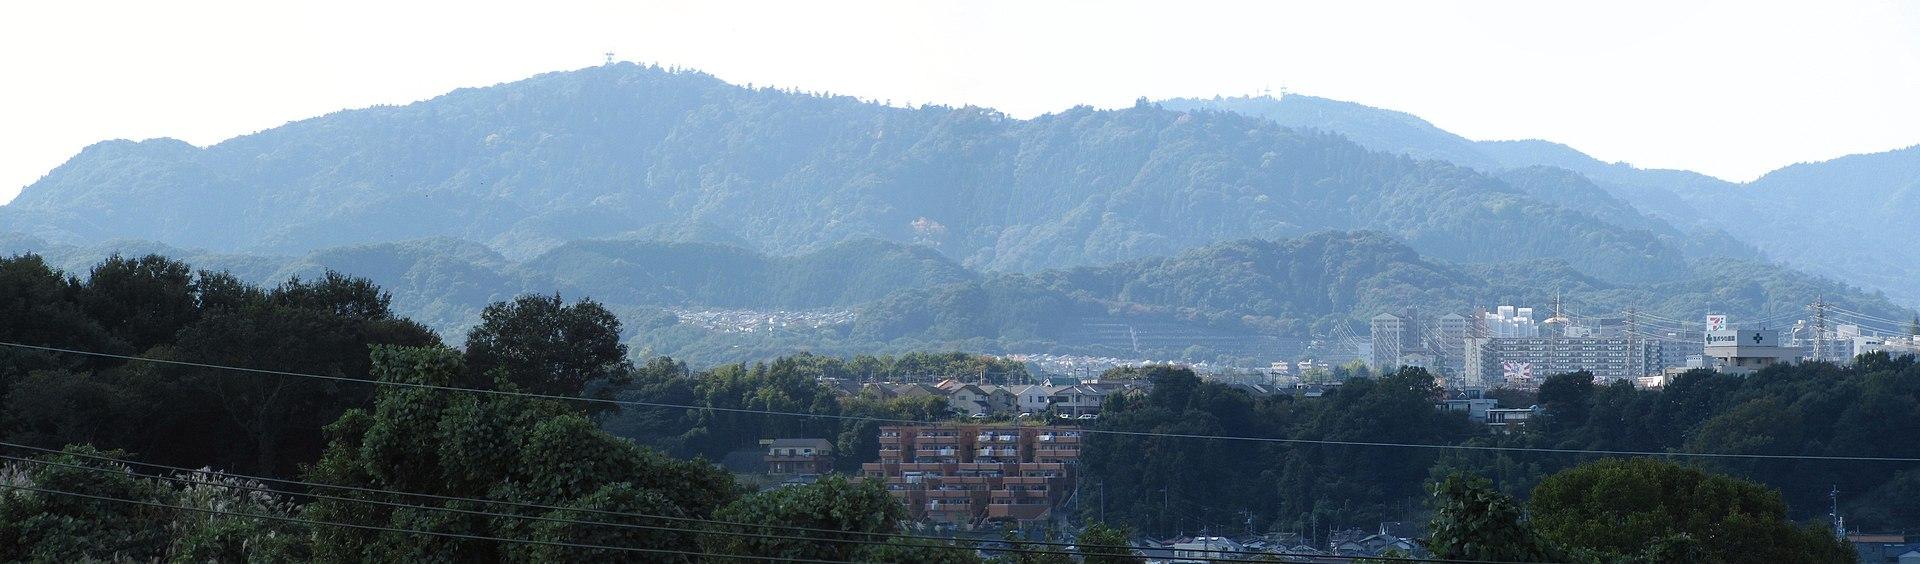 Mt.takao.jpg